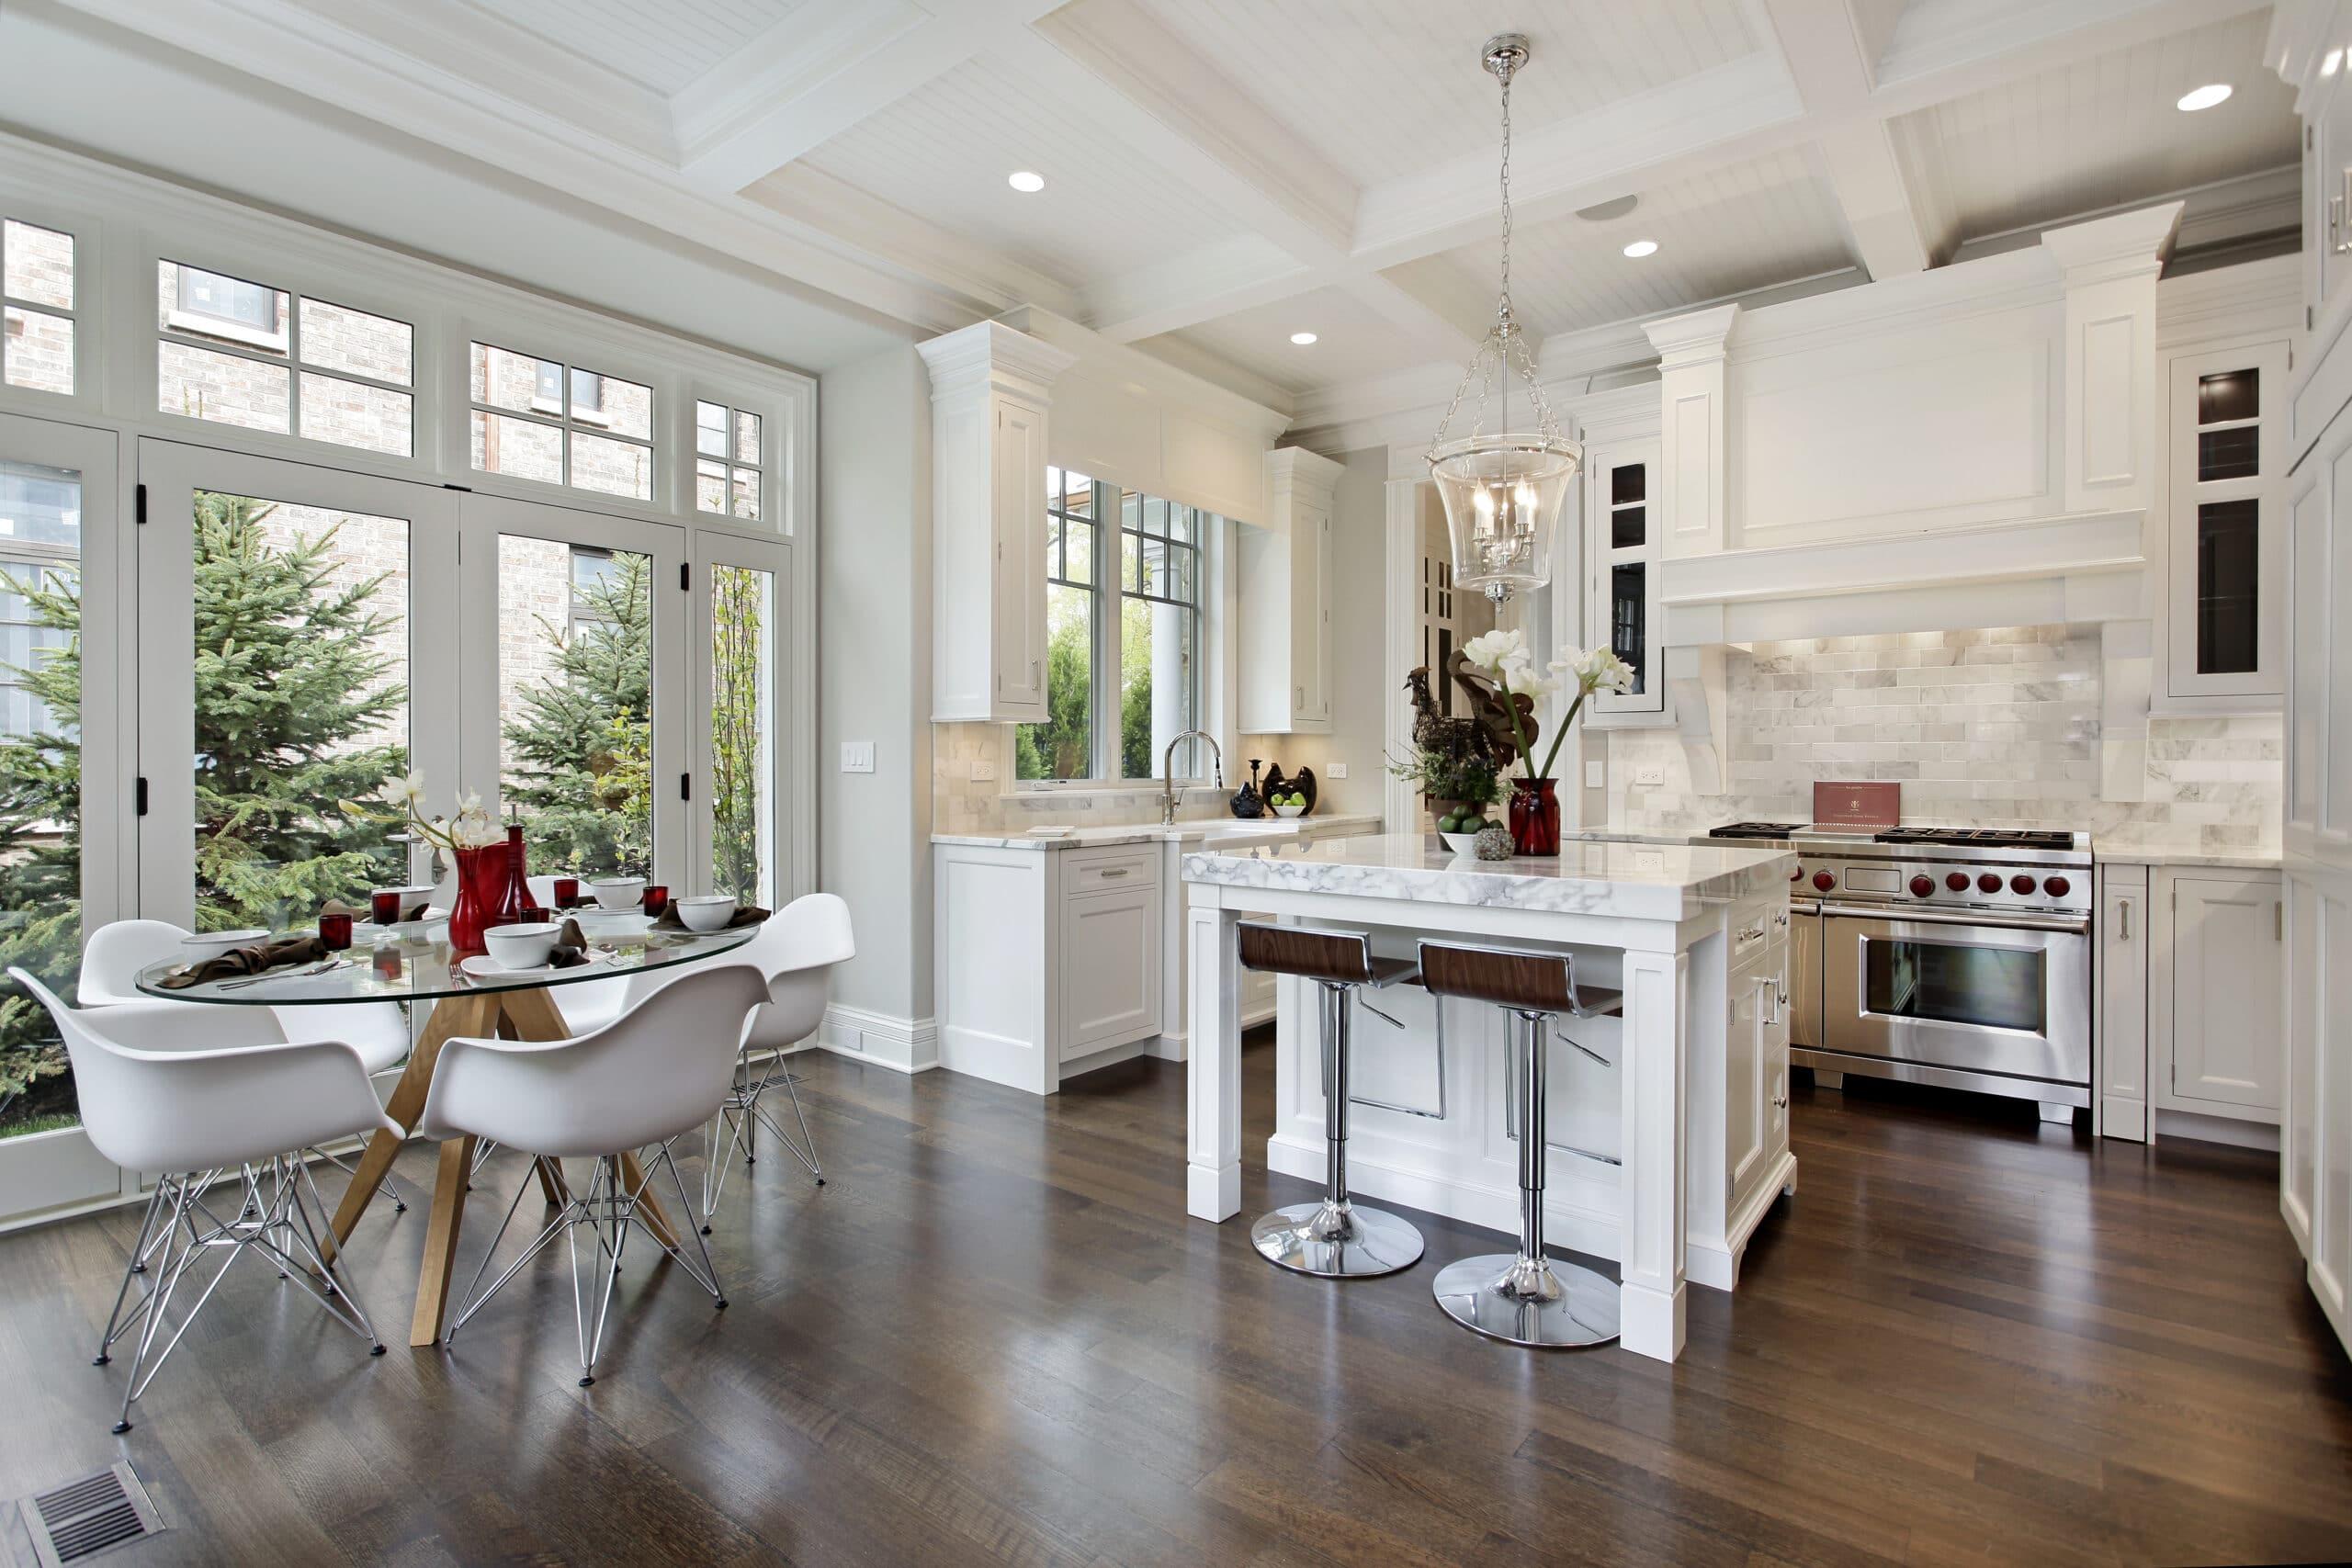 מטבח מודרני לבן עם רצפת עץ חומה וכסאות מתכת דגם 19 DS